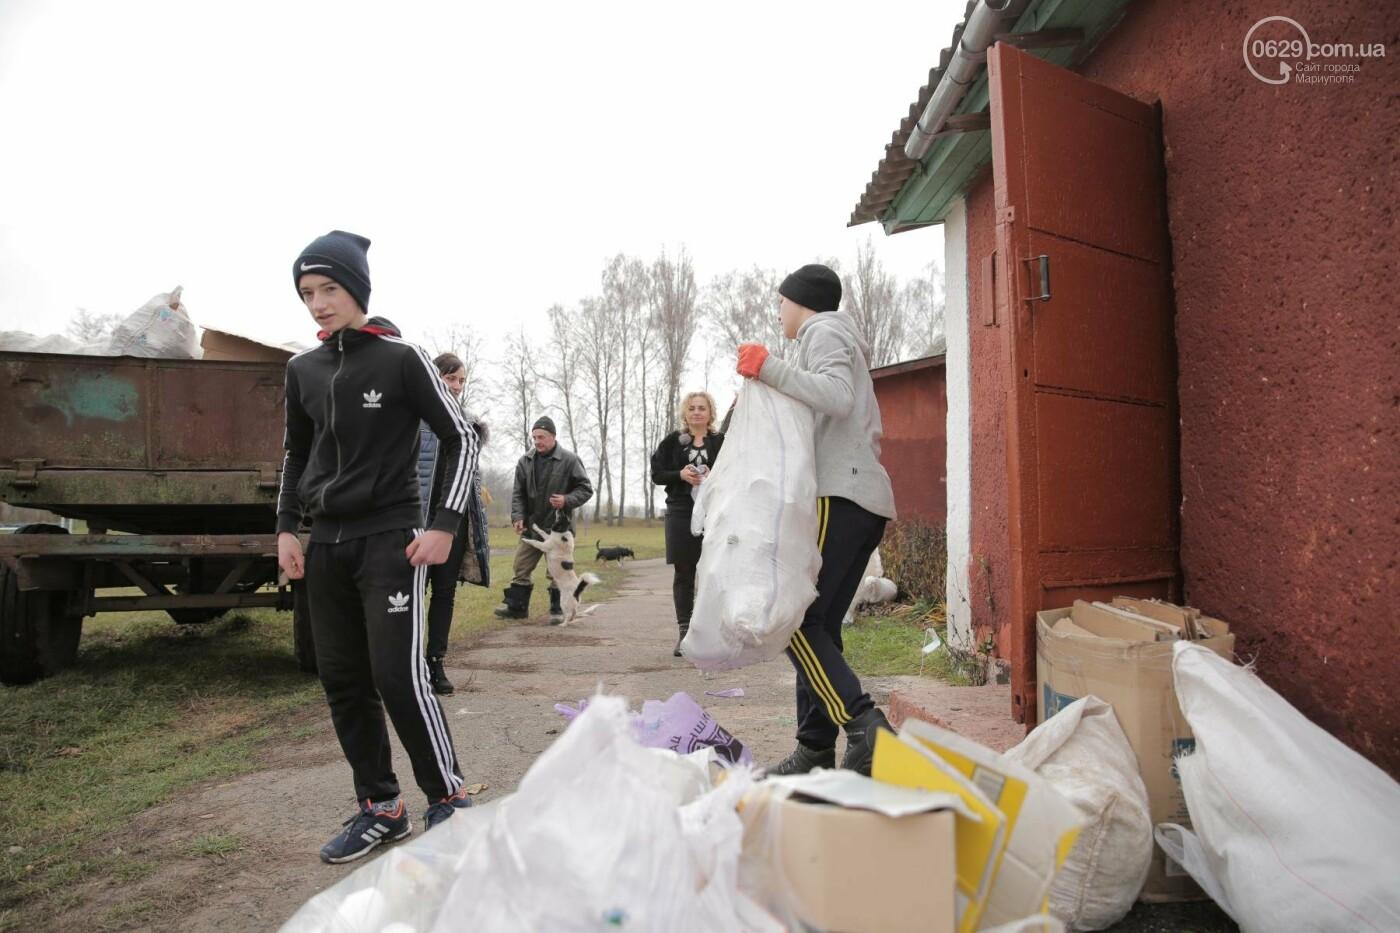 Сортировка мусора: почему это не работает в Мариуполе и как это работает в Виннице (ФОТО), фото-4